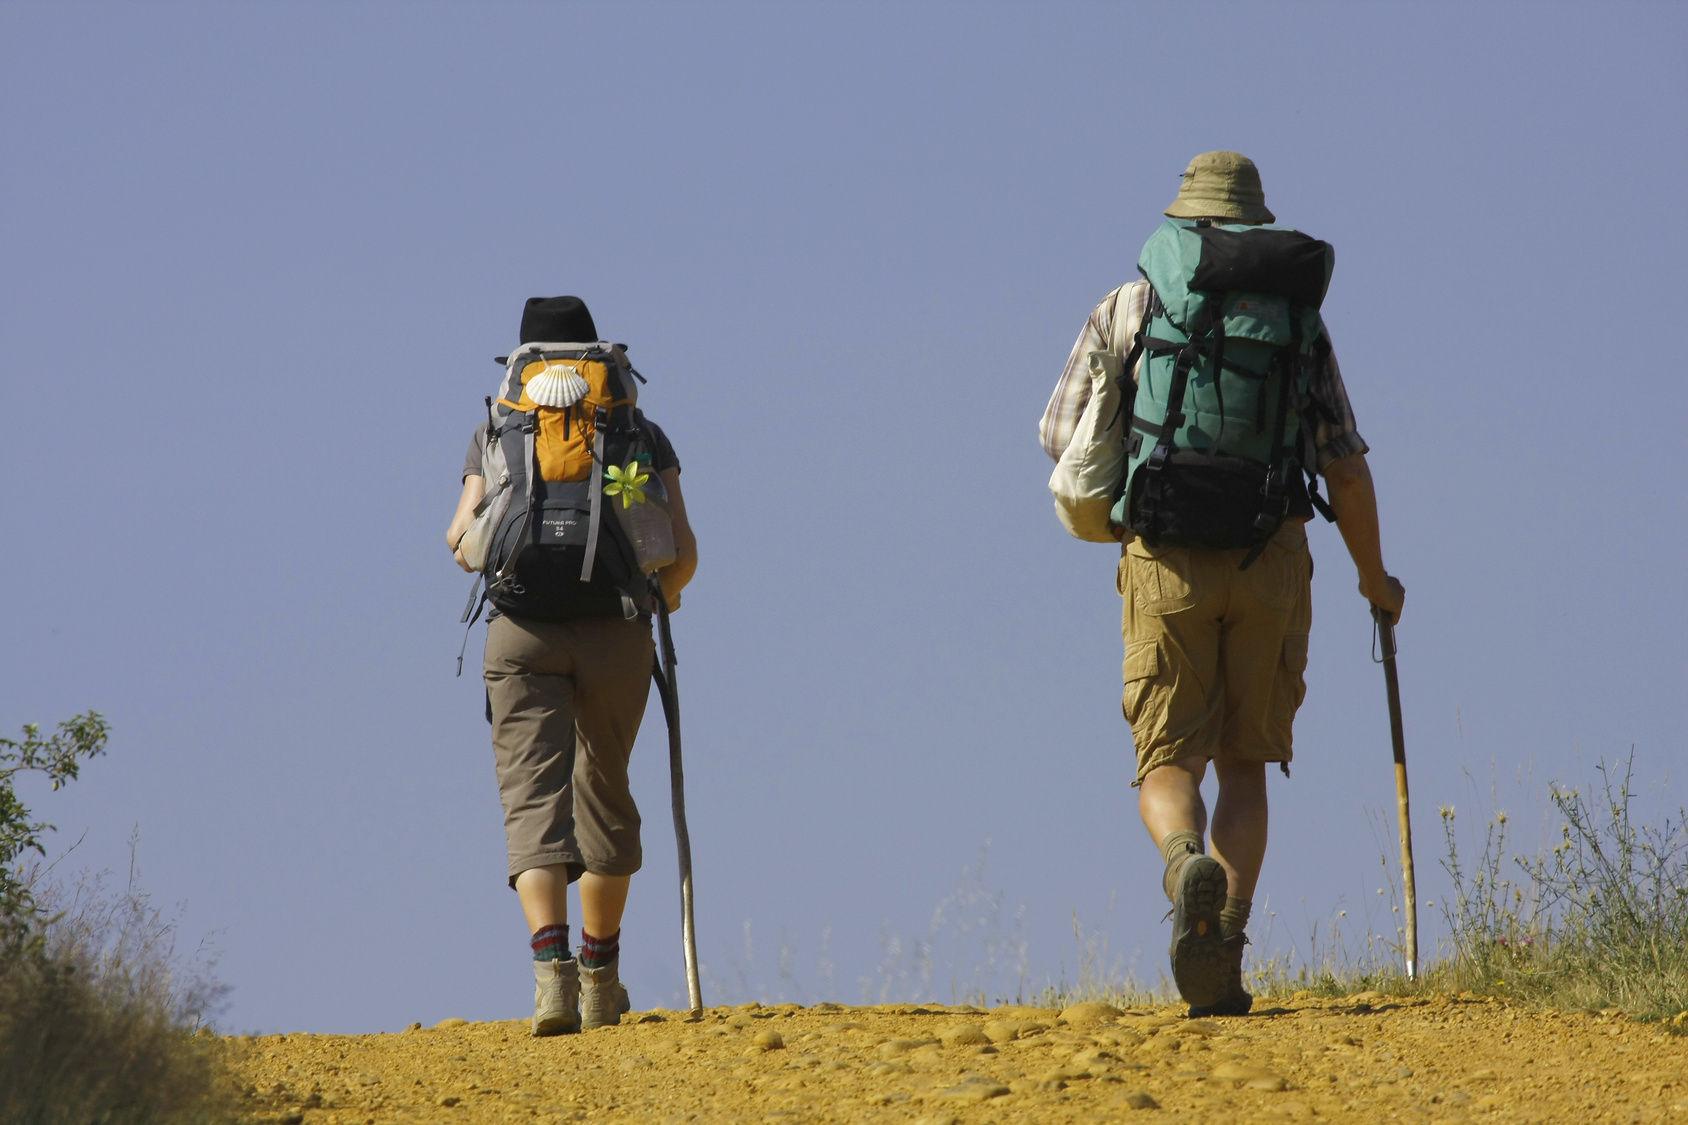 ¿Cómo se llama a aquellos que hacen el Camino de Santiago?